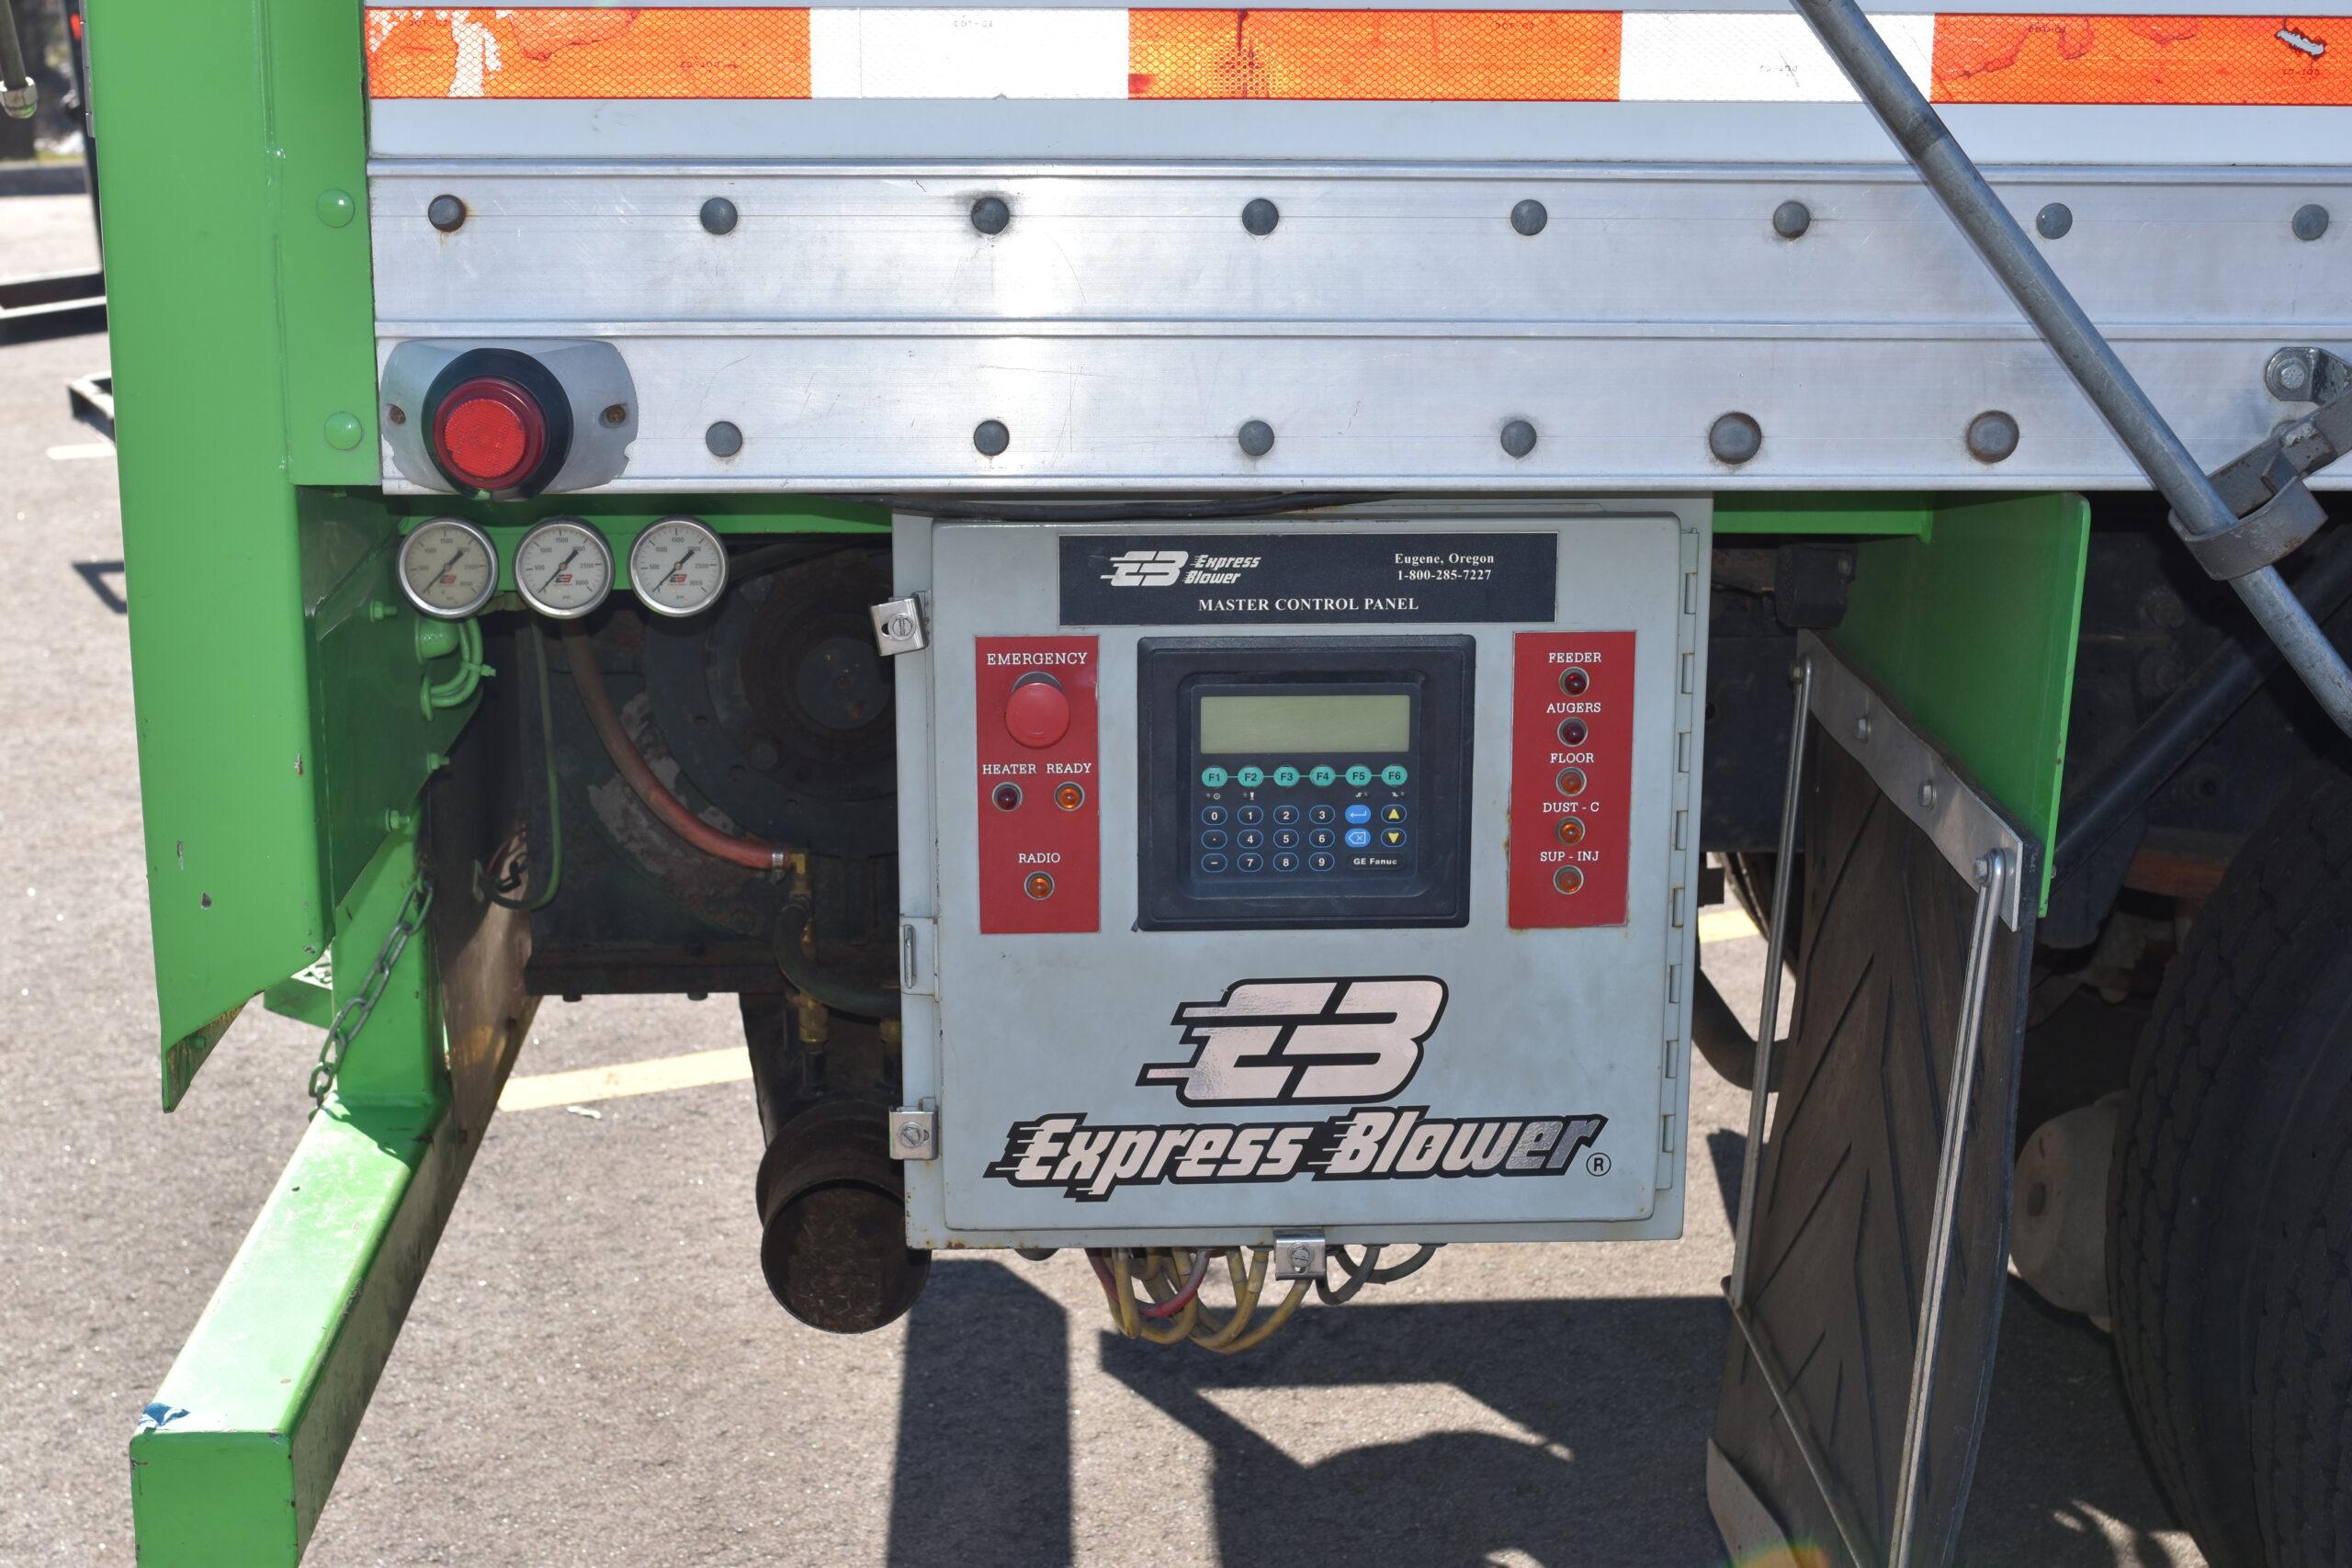 Express Blower EB-40 Blower Truck Computer Panel